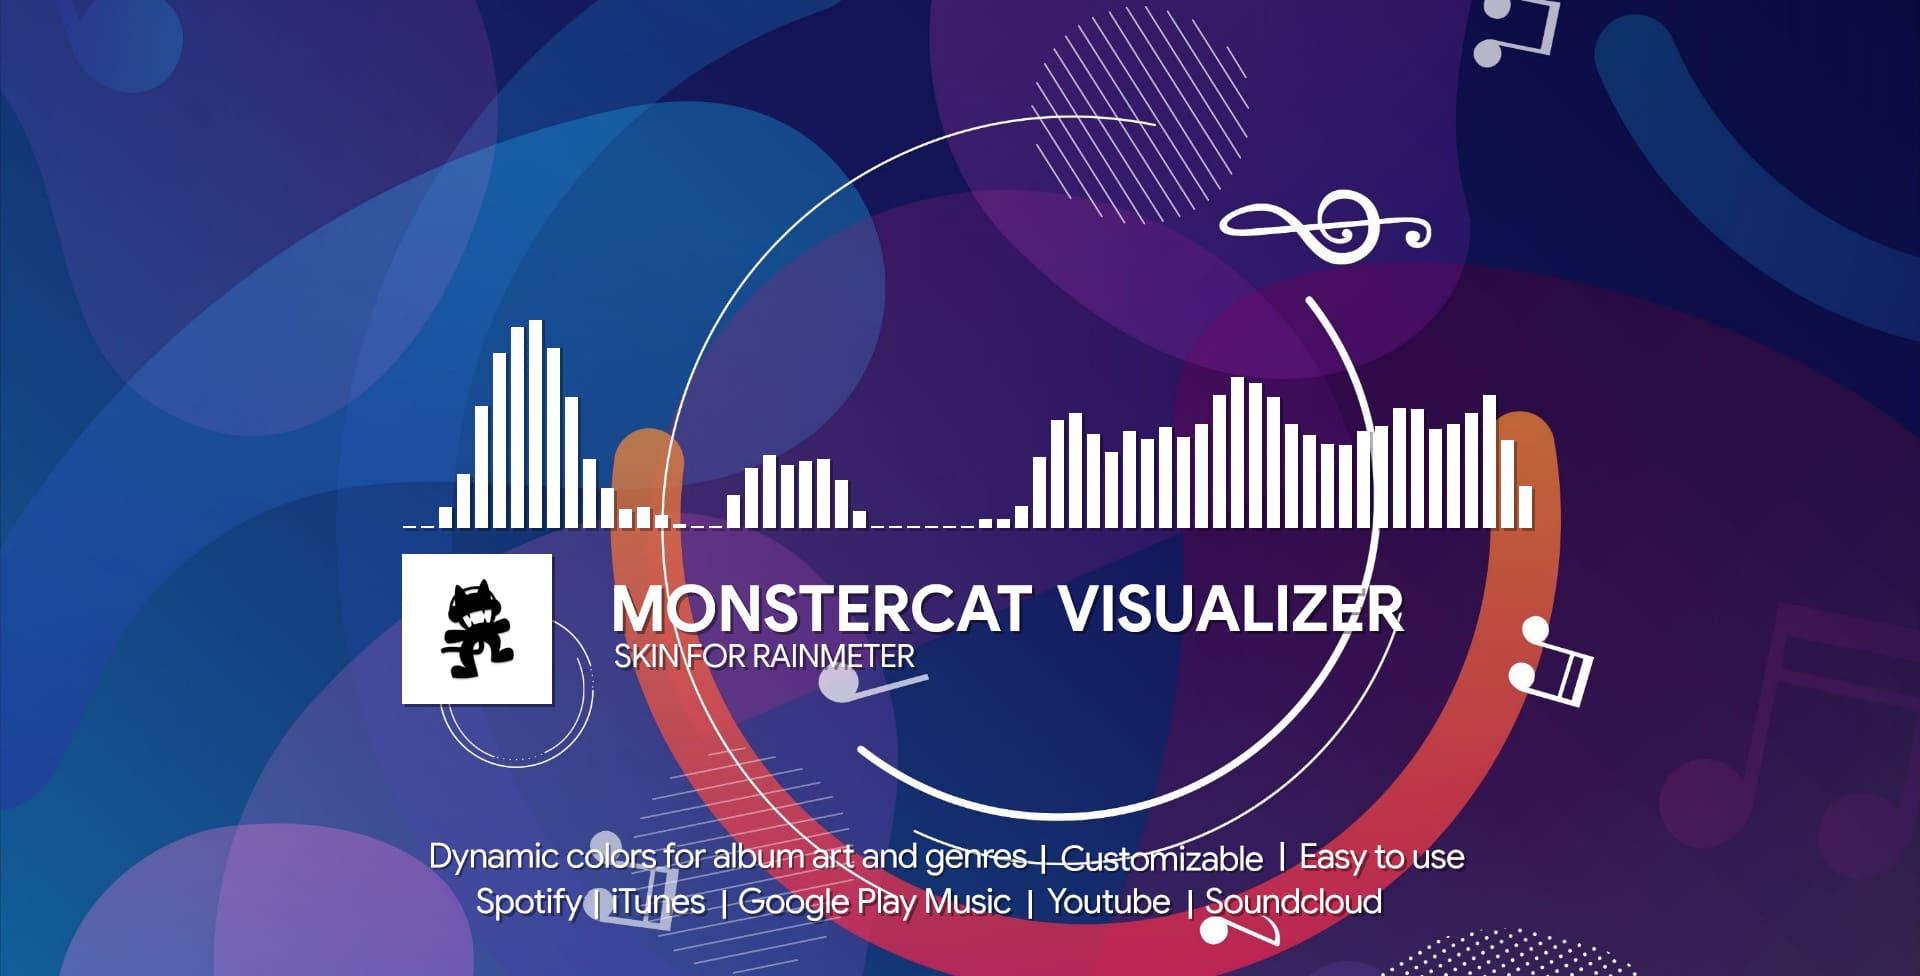 Monstercat Visualizer skin for Rainmeter 4.3 or higher